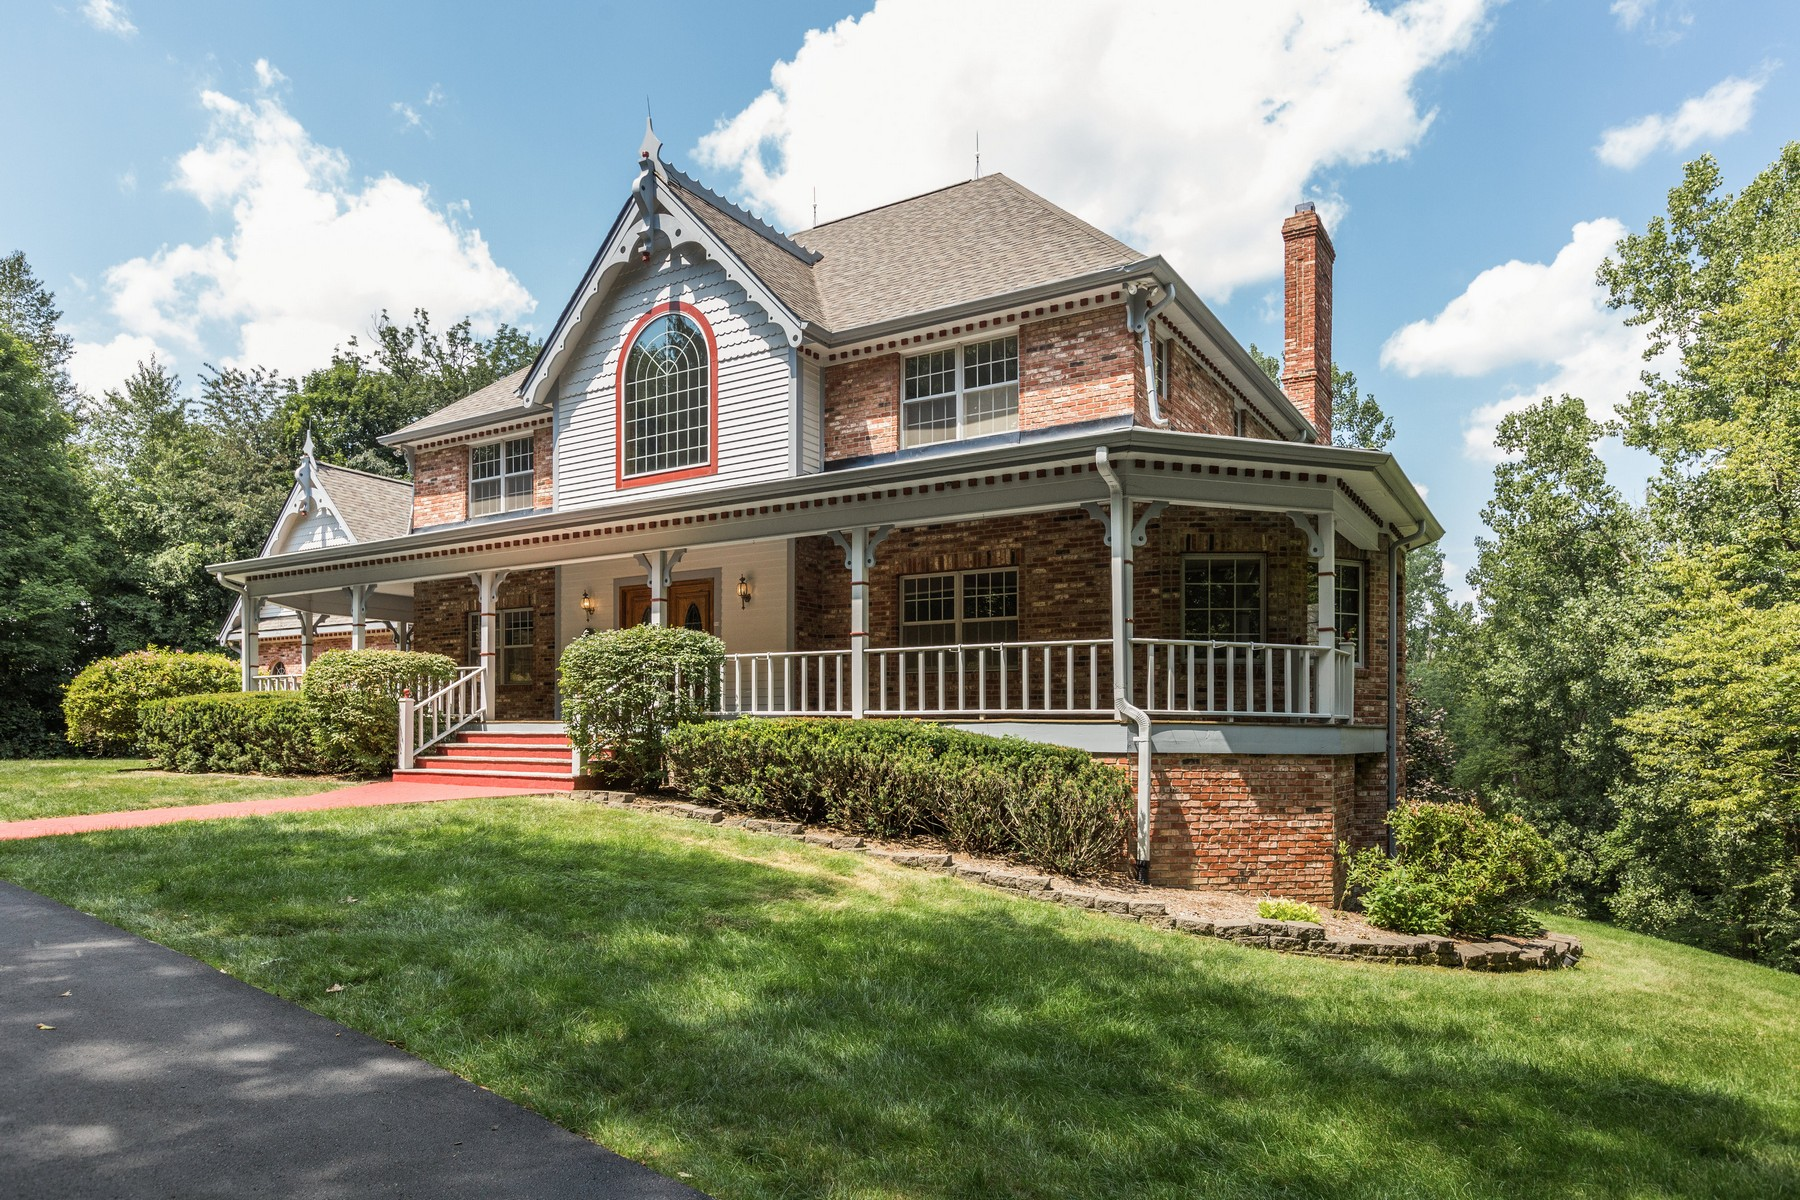 Villa per Vendita alle ore Exquisite Victorian Home 7418 W 96th Street Zionsville, Indiana, 46077 Stati Uniti